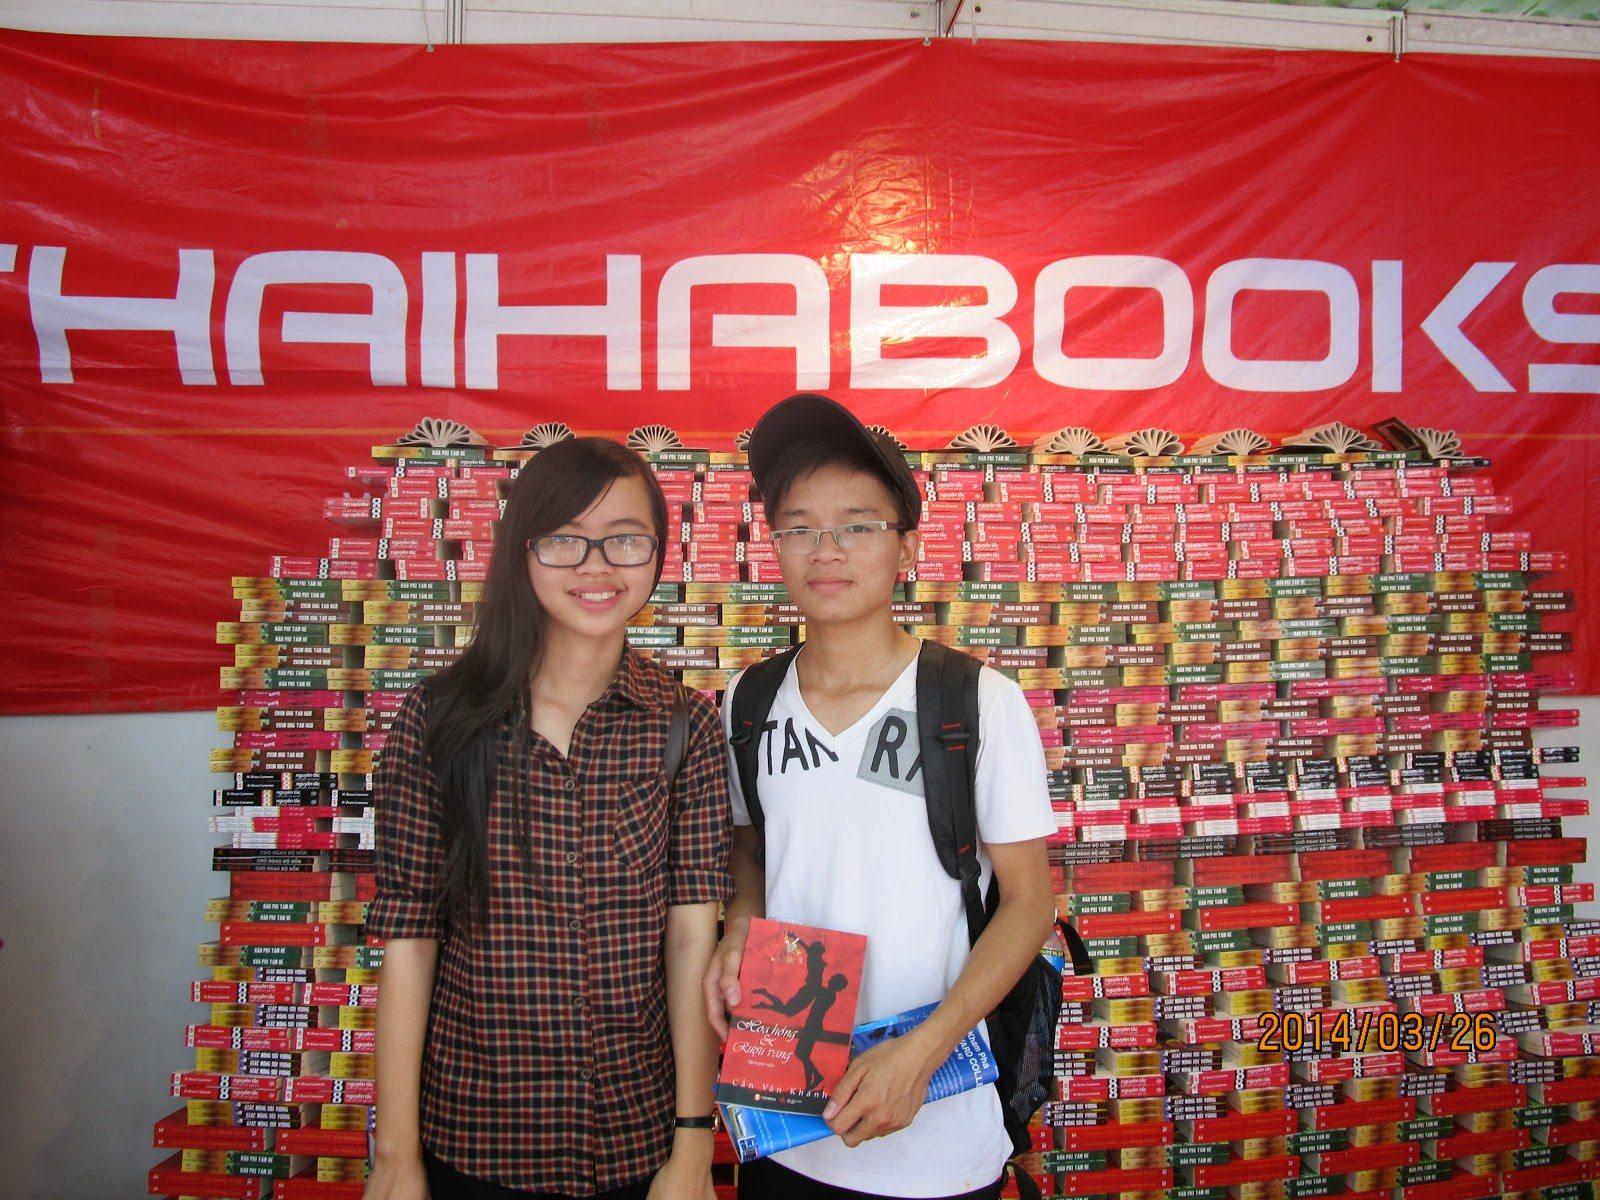 """Thái Hà Books tại """"Ngày Sách Việt Nam lần I"""" tại Tp.Hồ Chí Minh"""